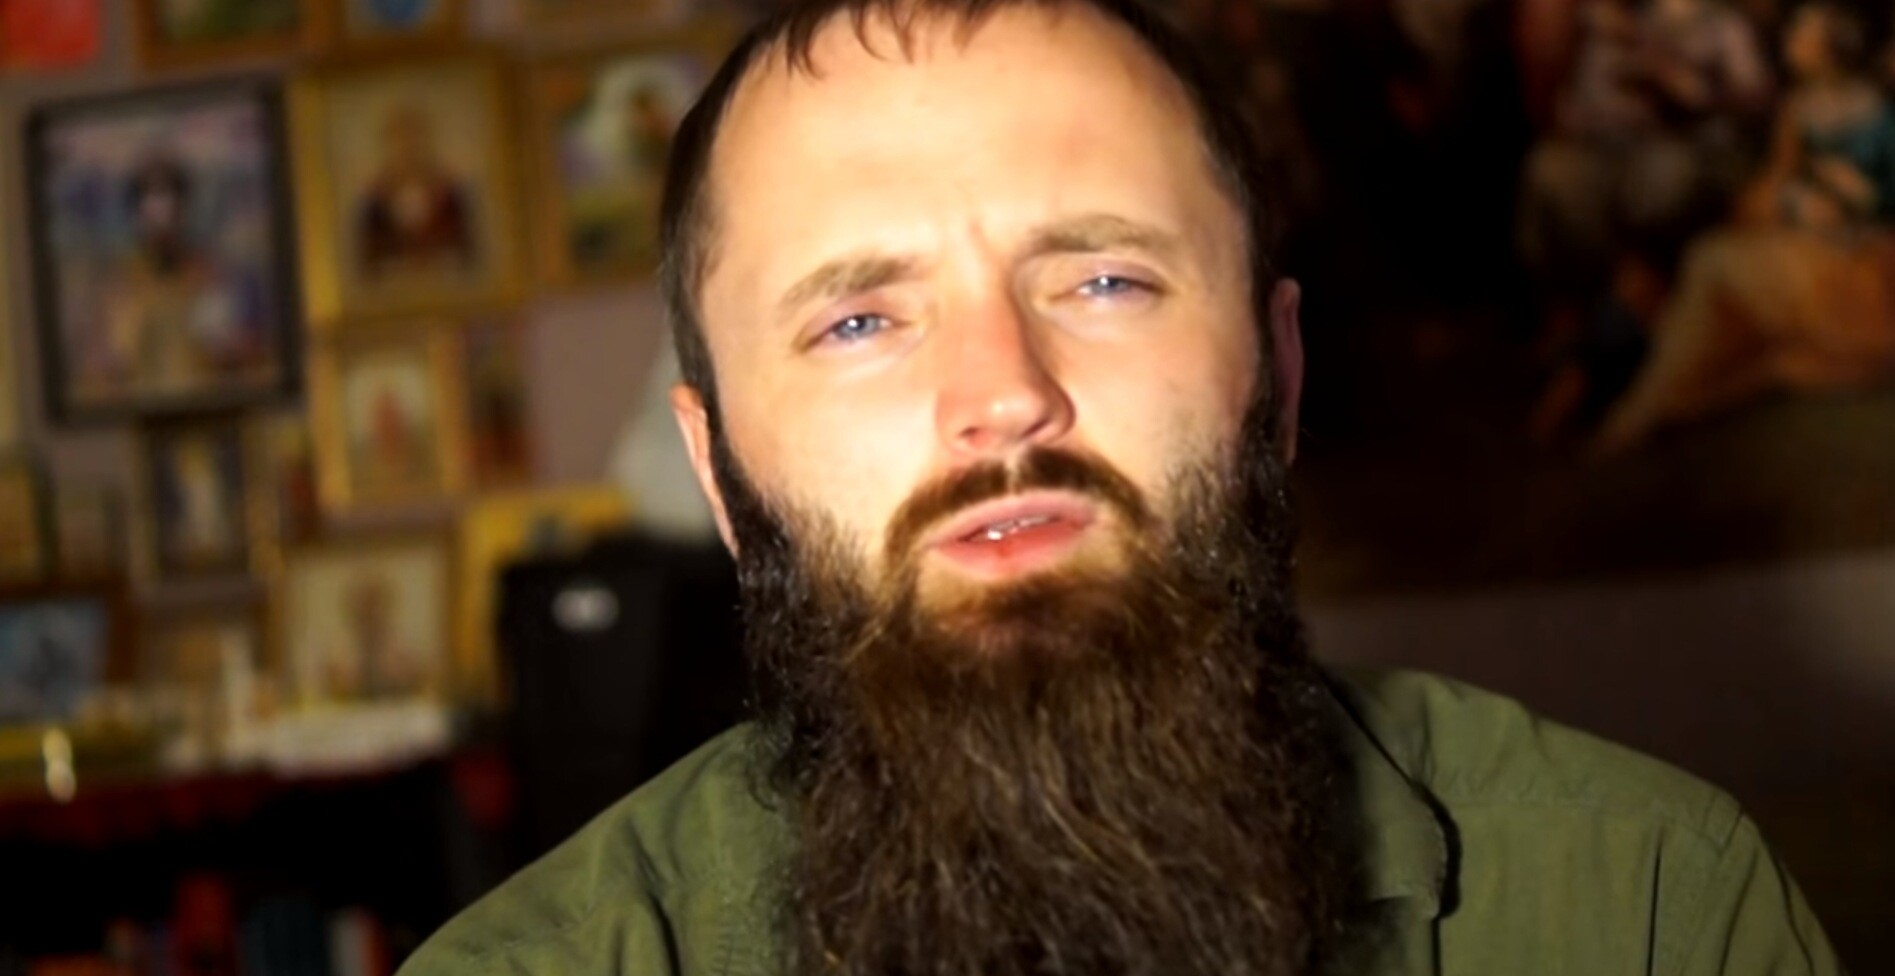 На лидера «Христианского государства» завели уголовное дело об экстремизме за оскорбления мусульман